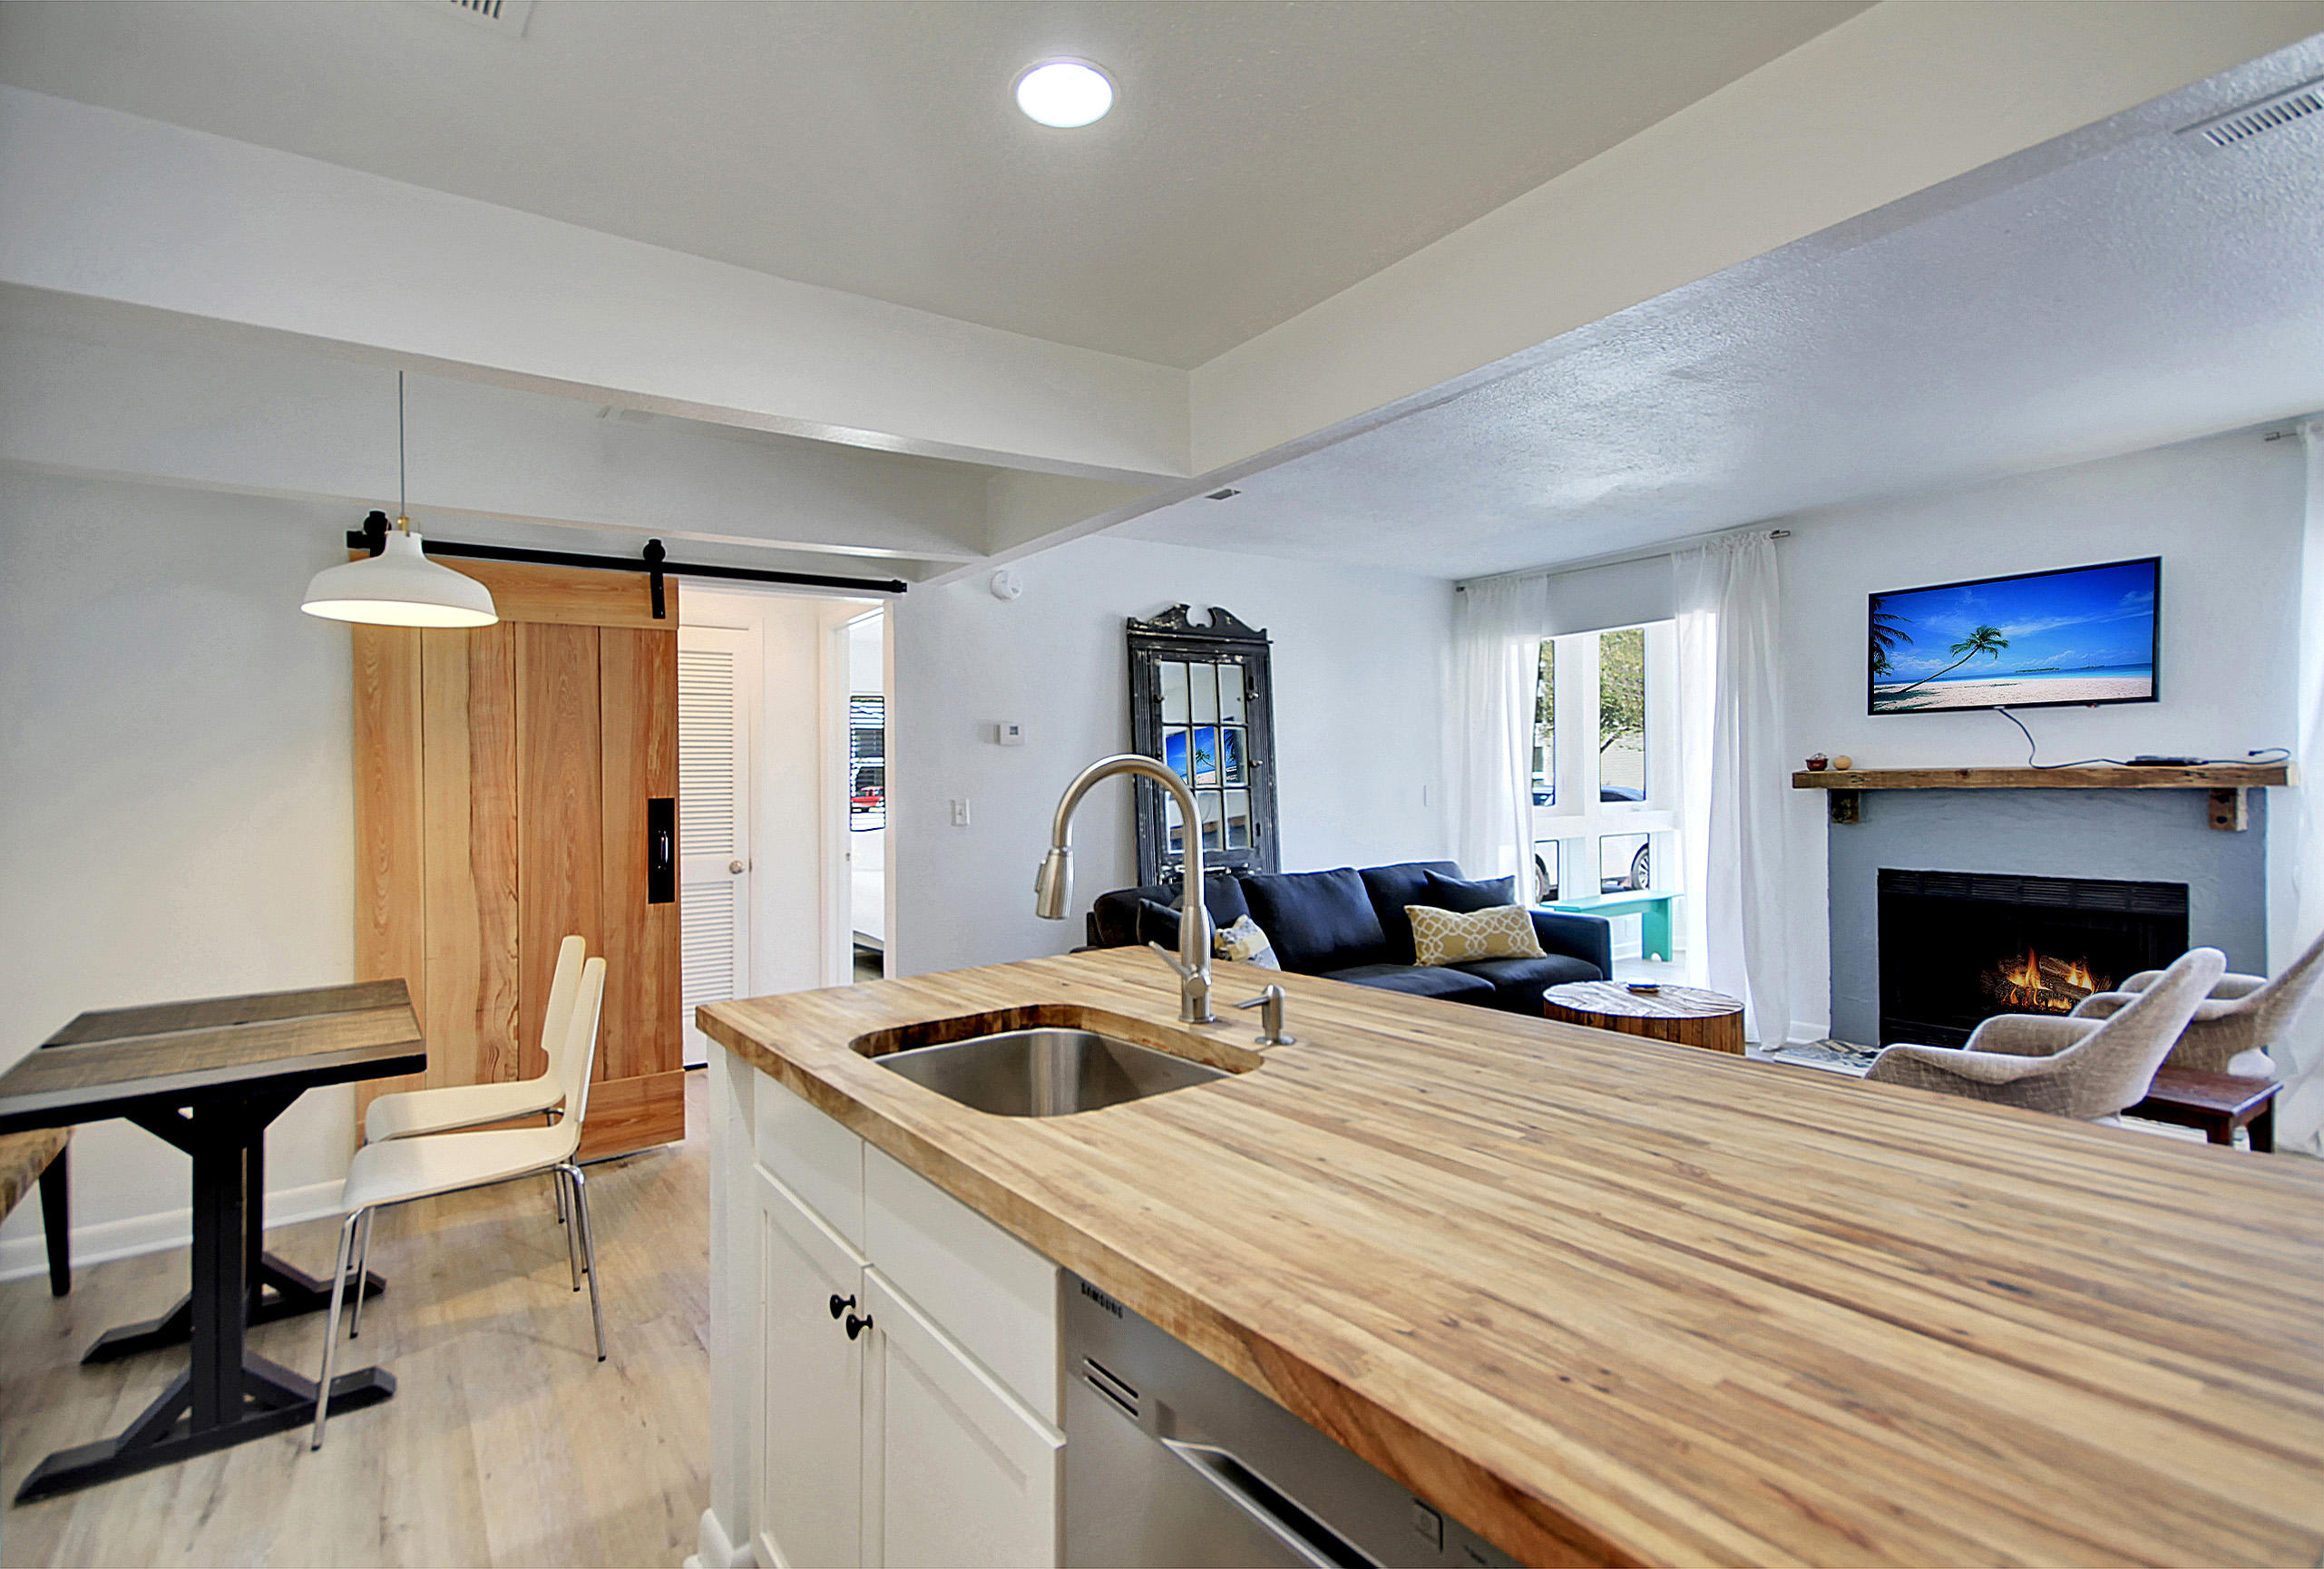 East Bridge Town Lofts Homes For Sale - 268 Alexandra, Mount Pleasant, SC - 2